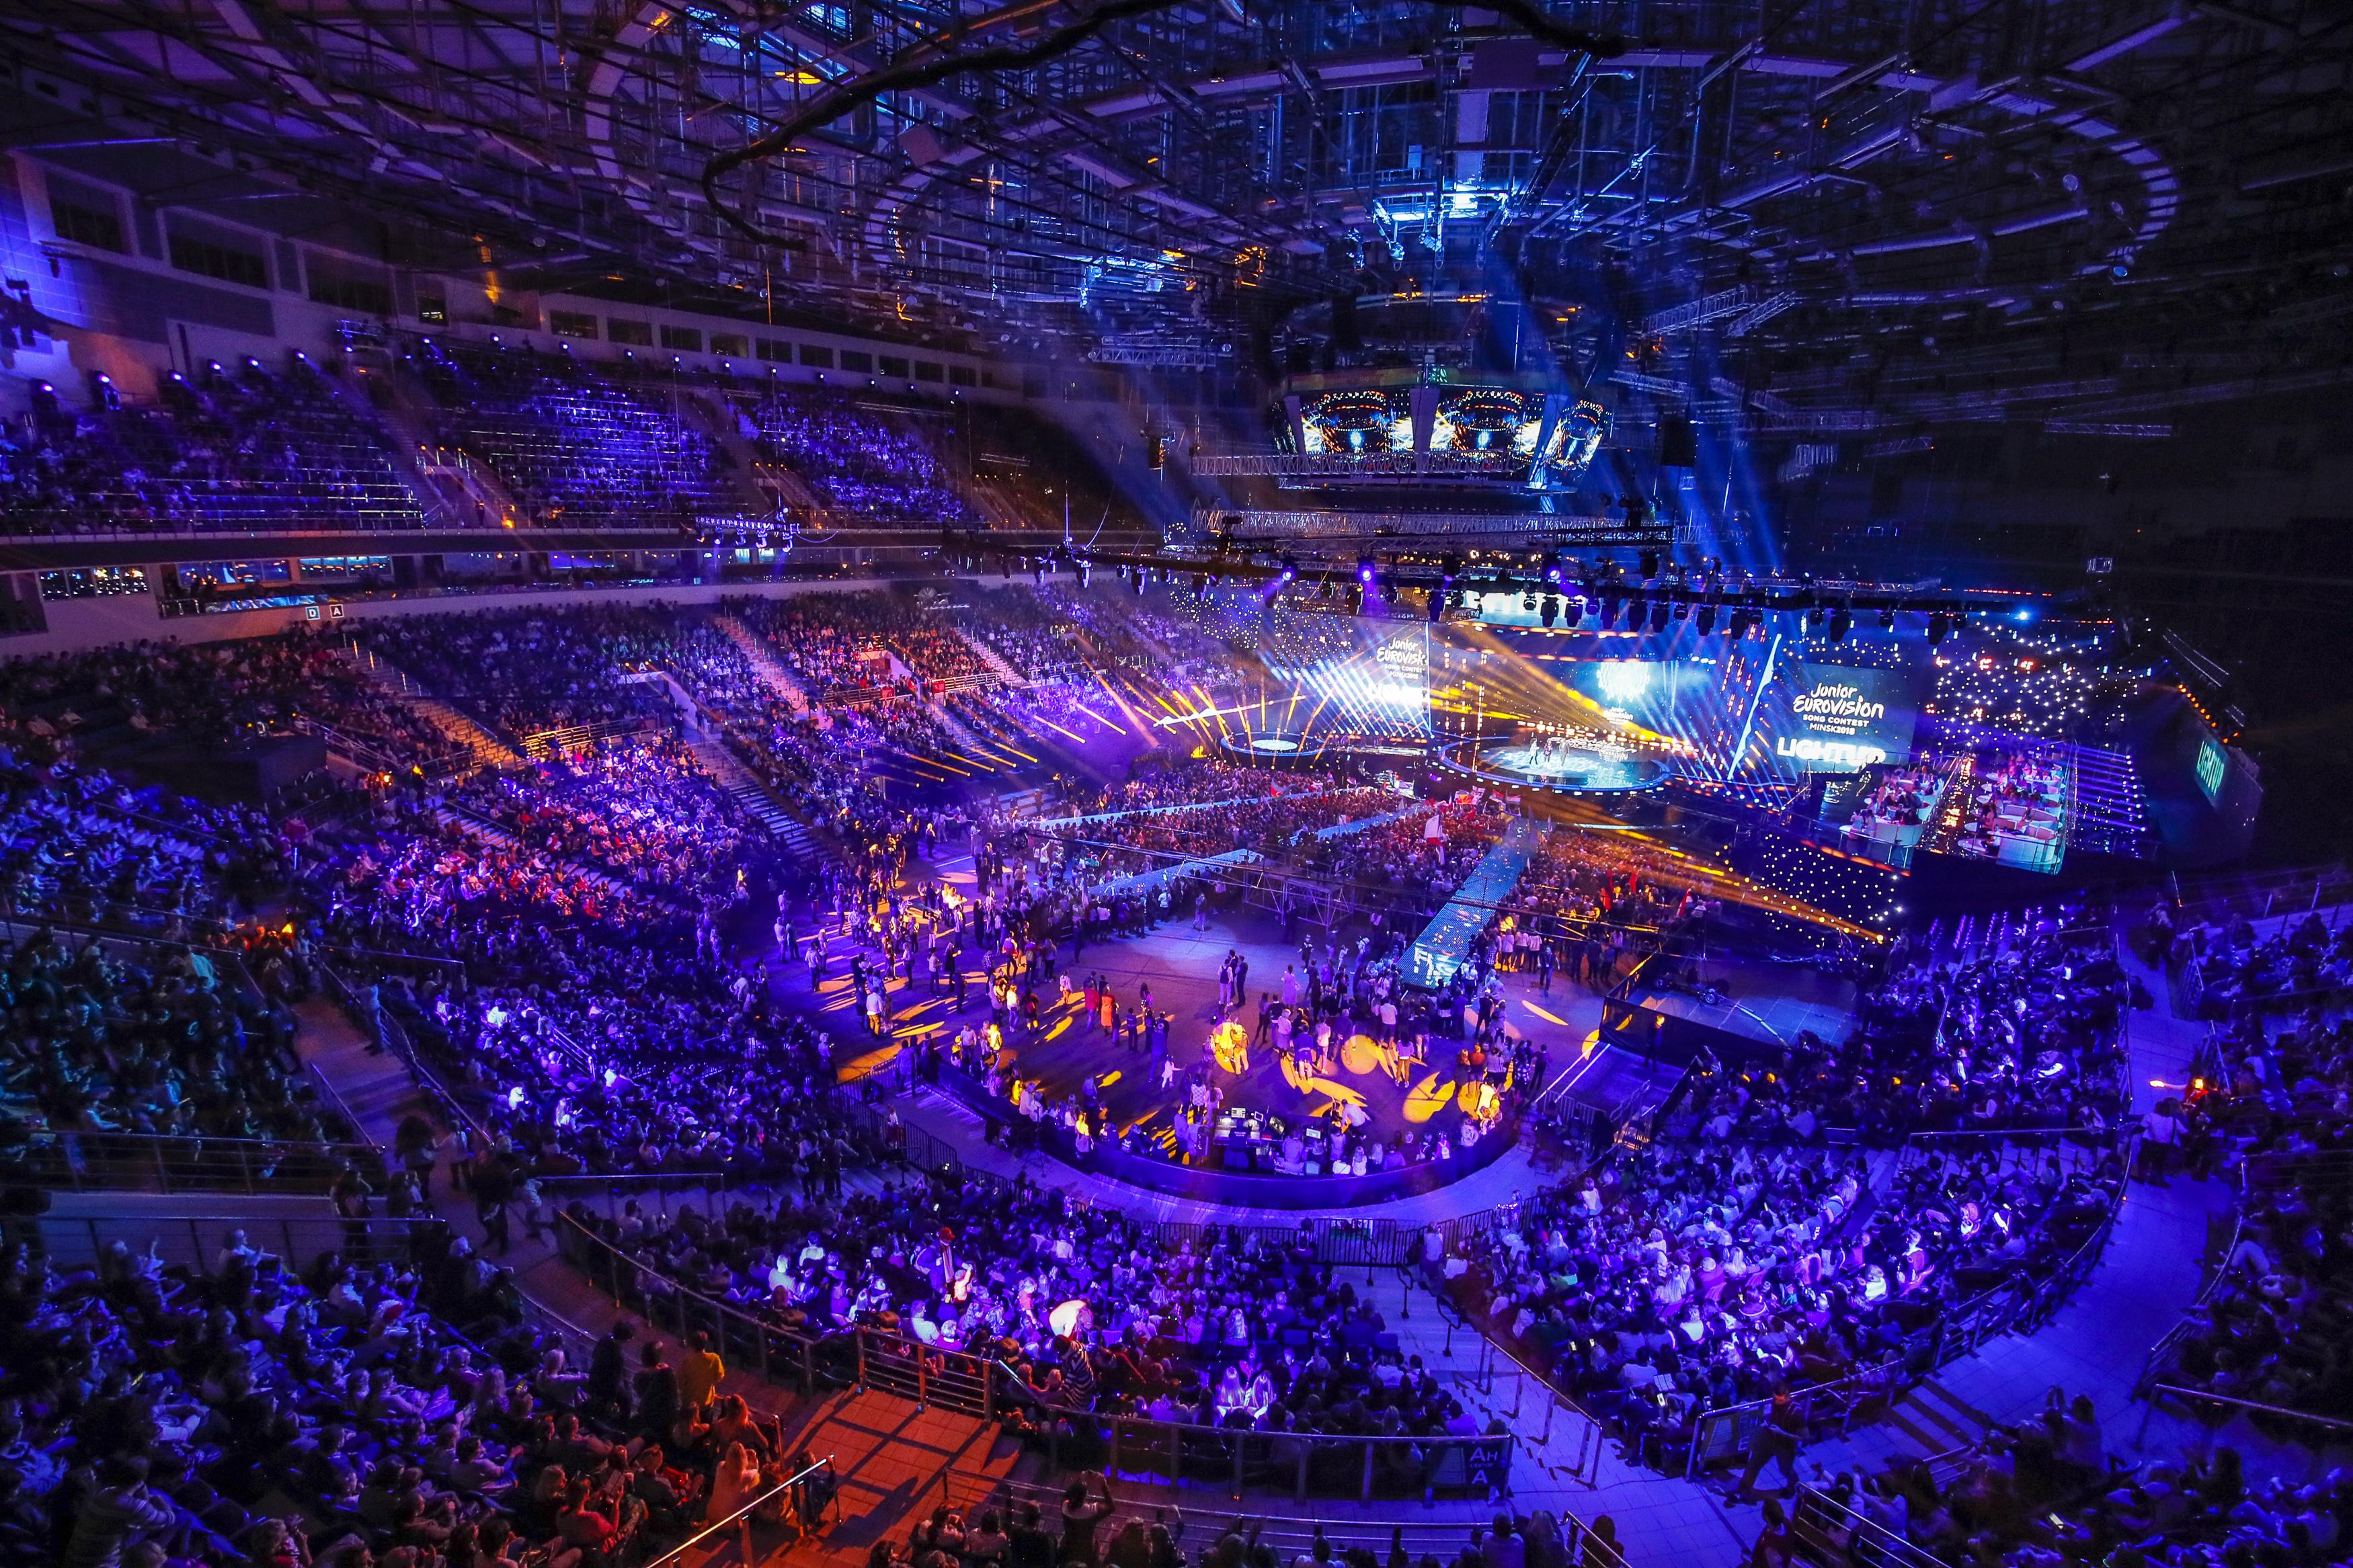 wielki koncert przy pełnej widowni